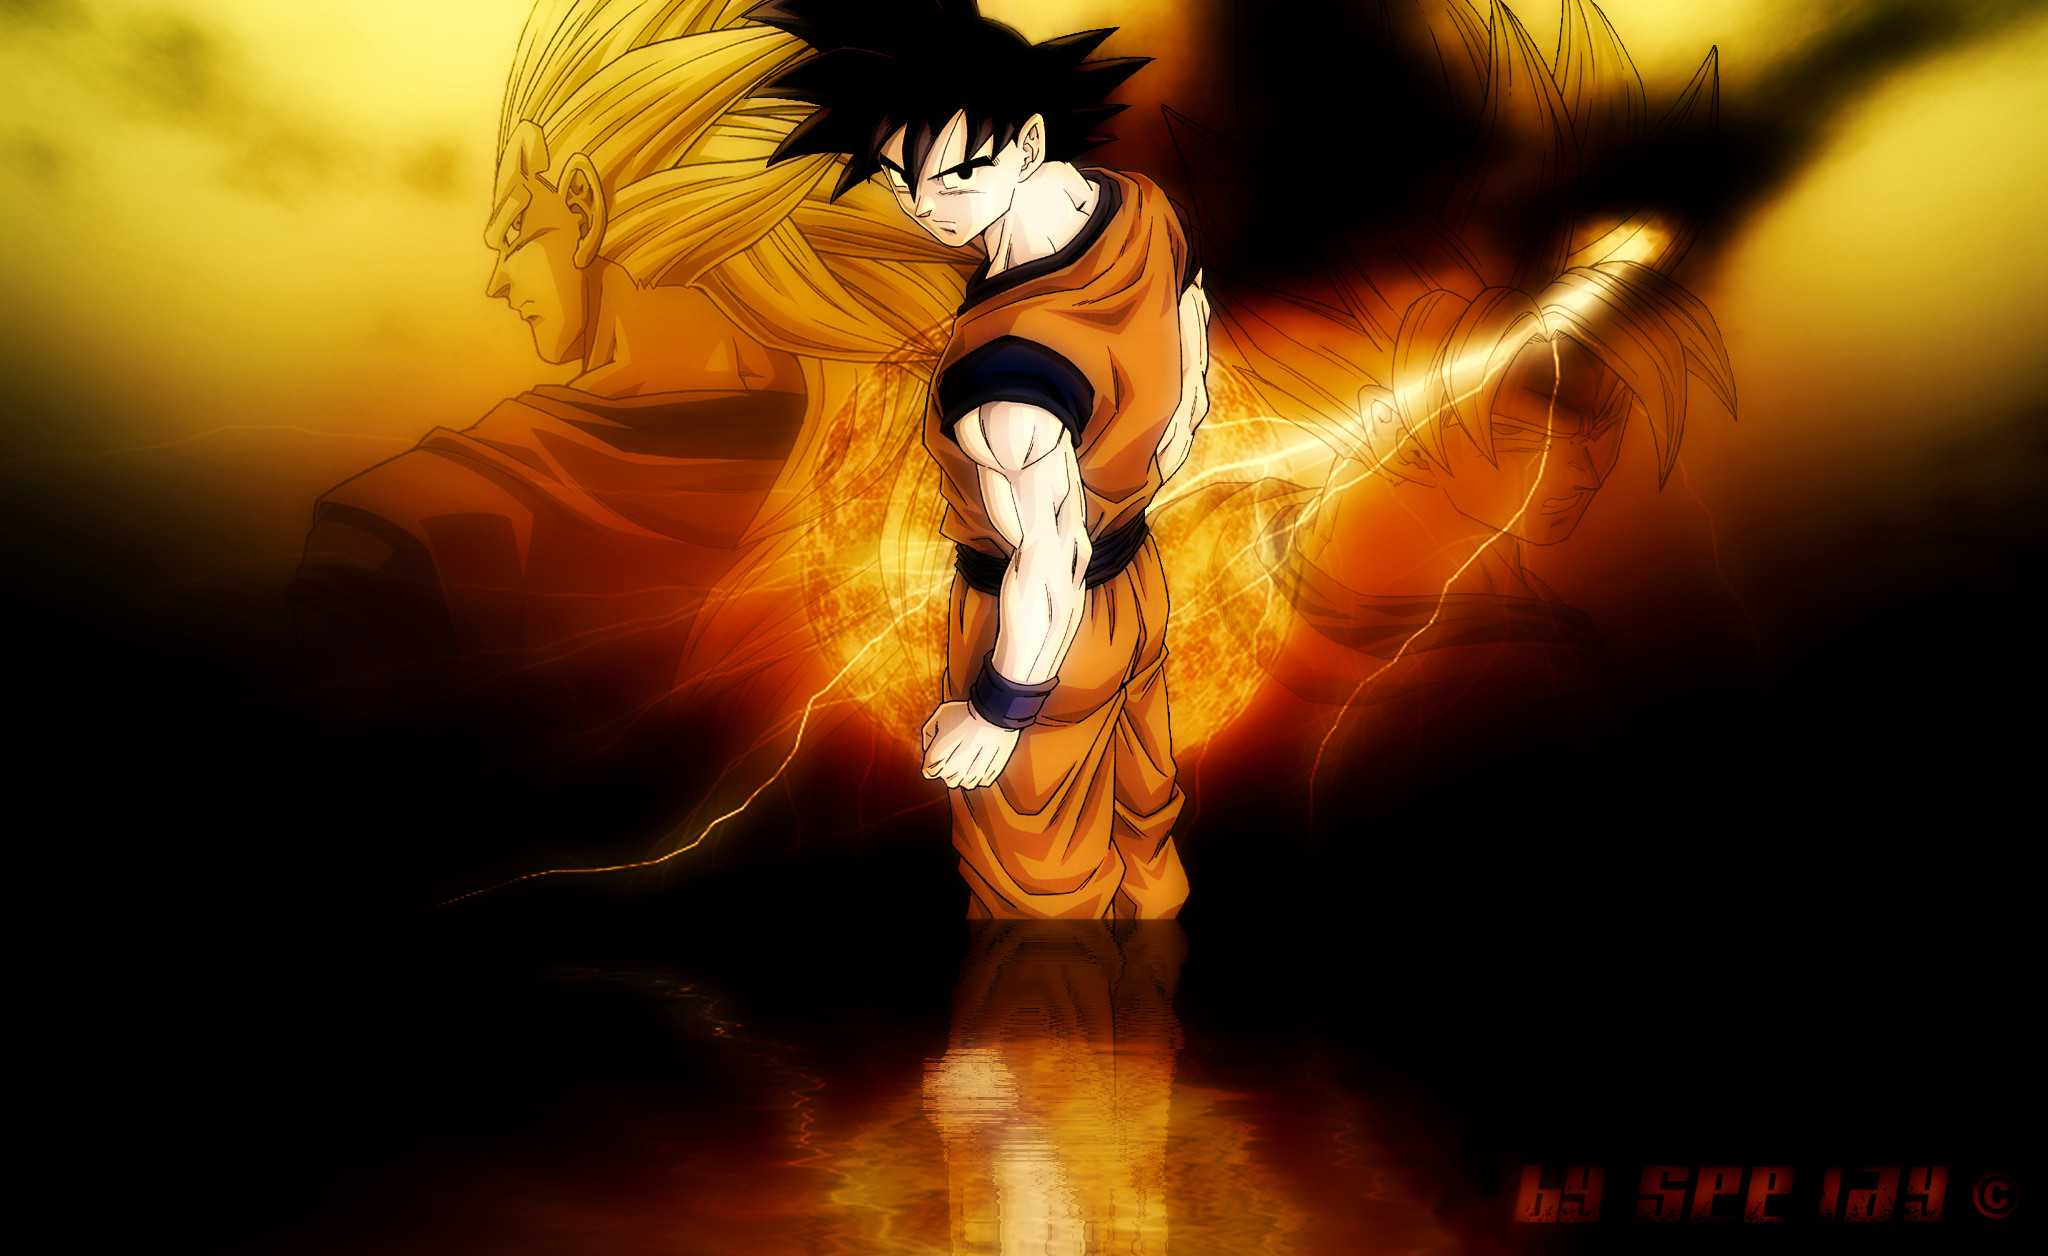 Captivating Dragon Ball Z Son Goku Live Wallpaper For Dragon Ball Wallpaper Hd Mobile 1200x750 Wallpaper Teahub Io